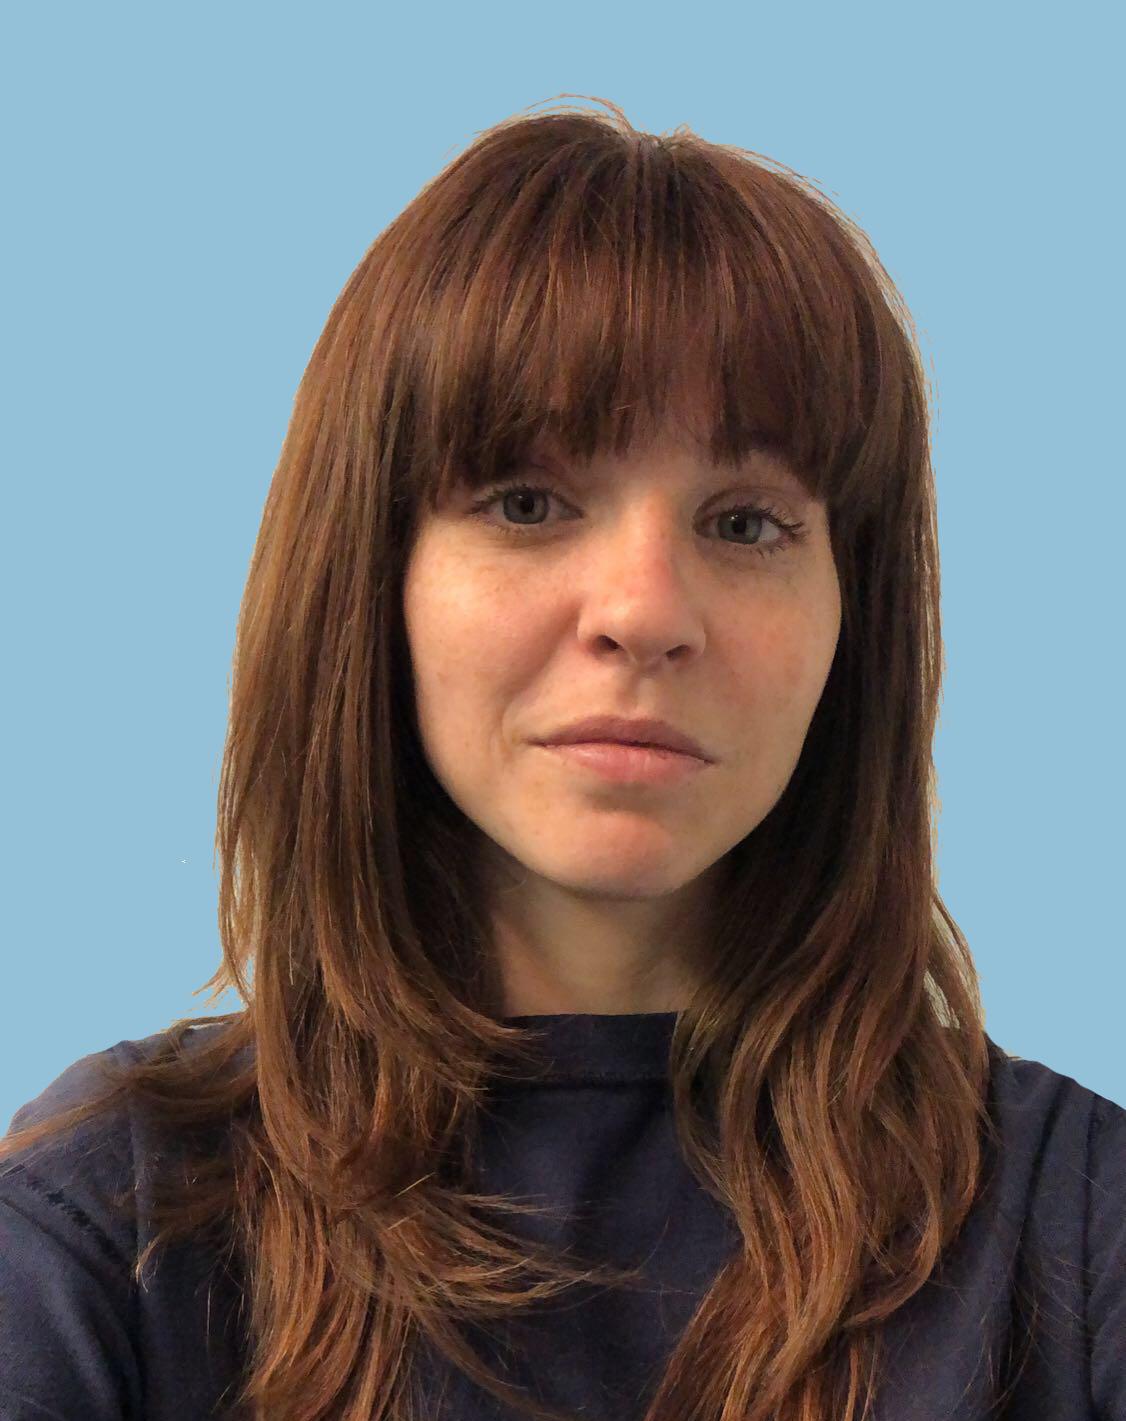 Shelby Bourgeois - USFCR